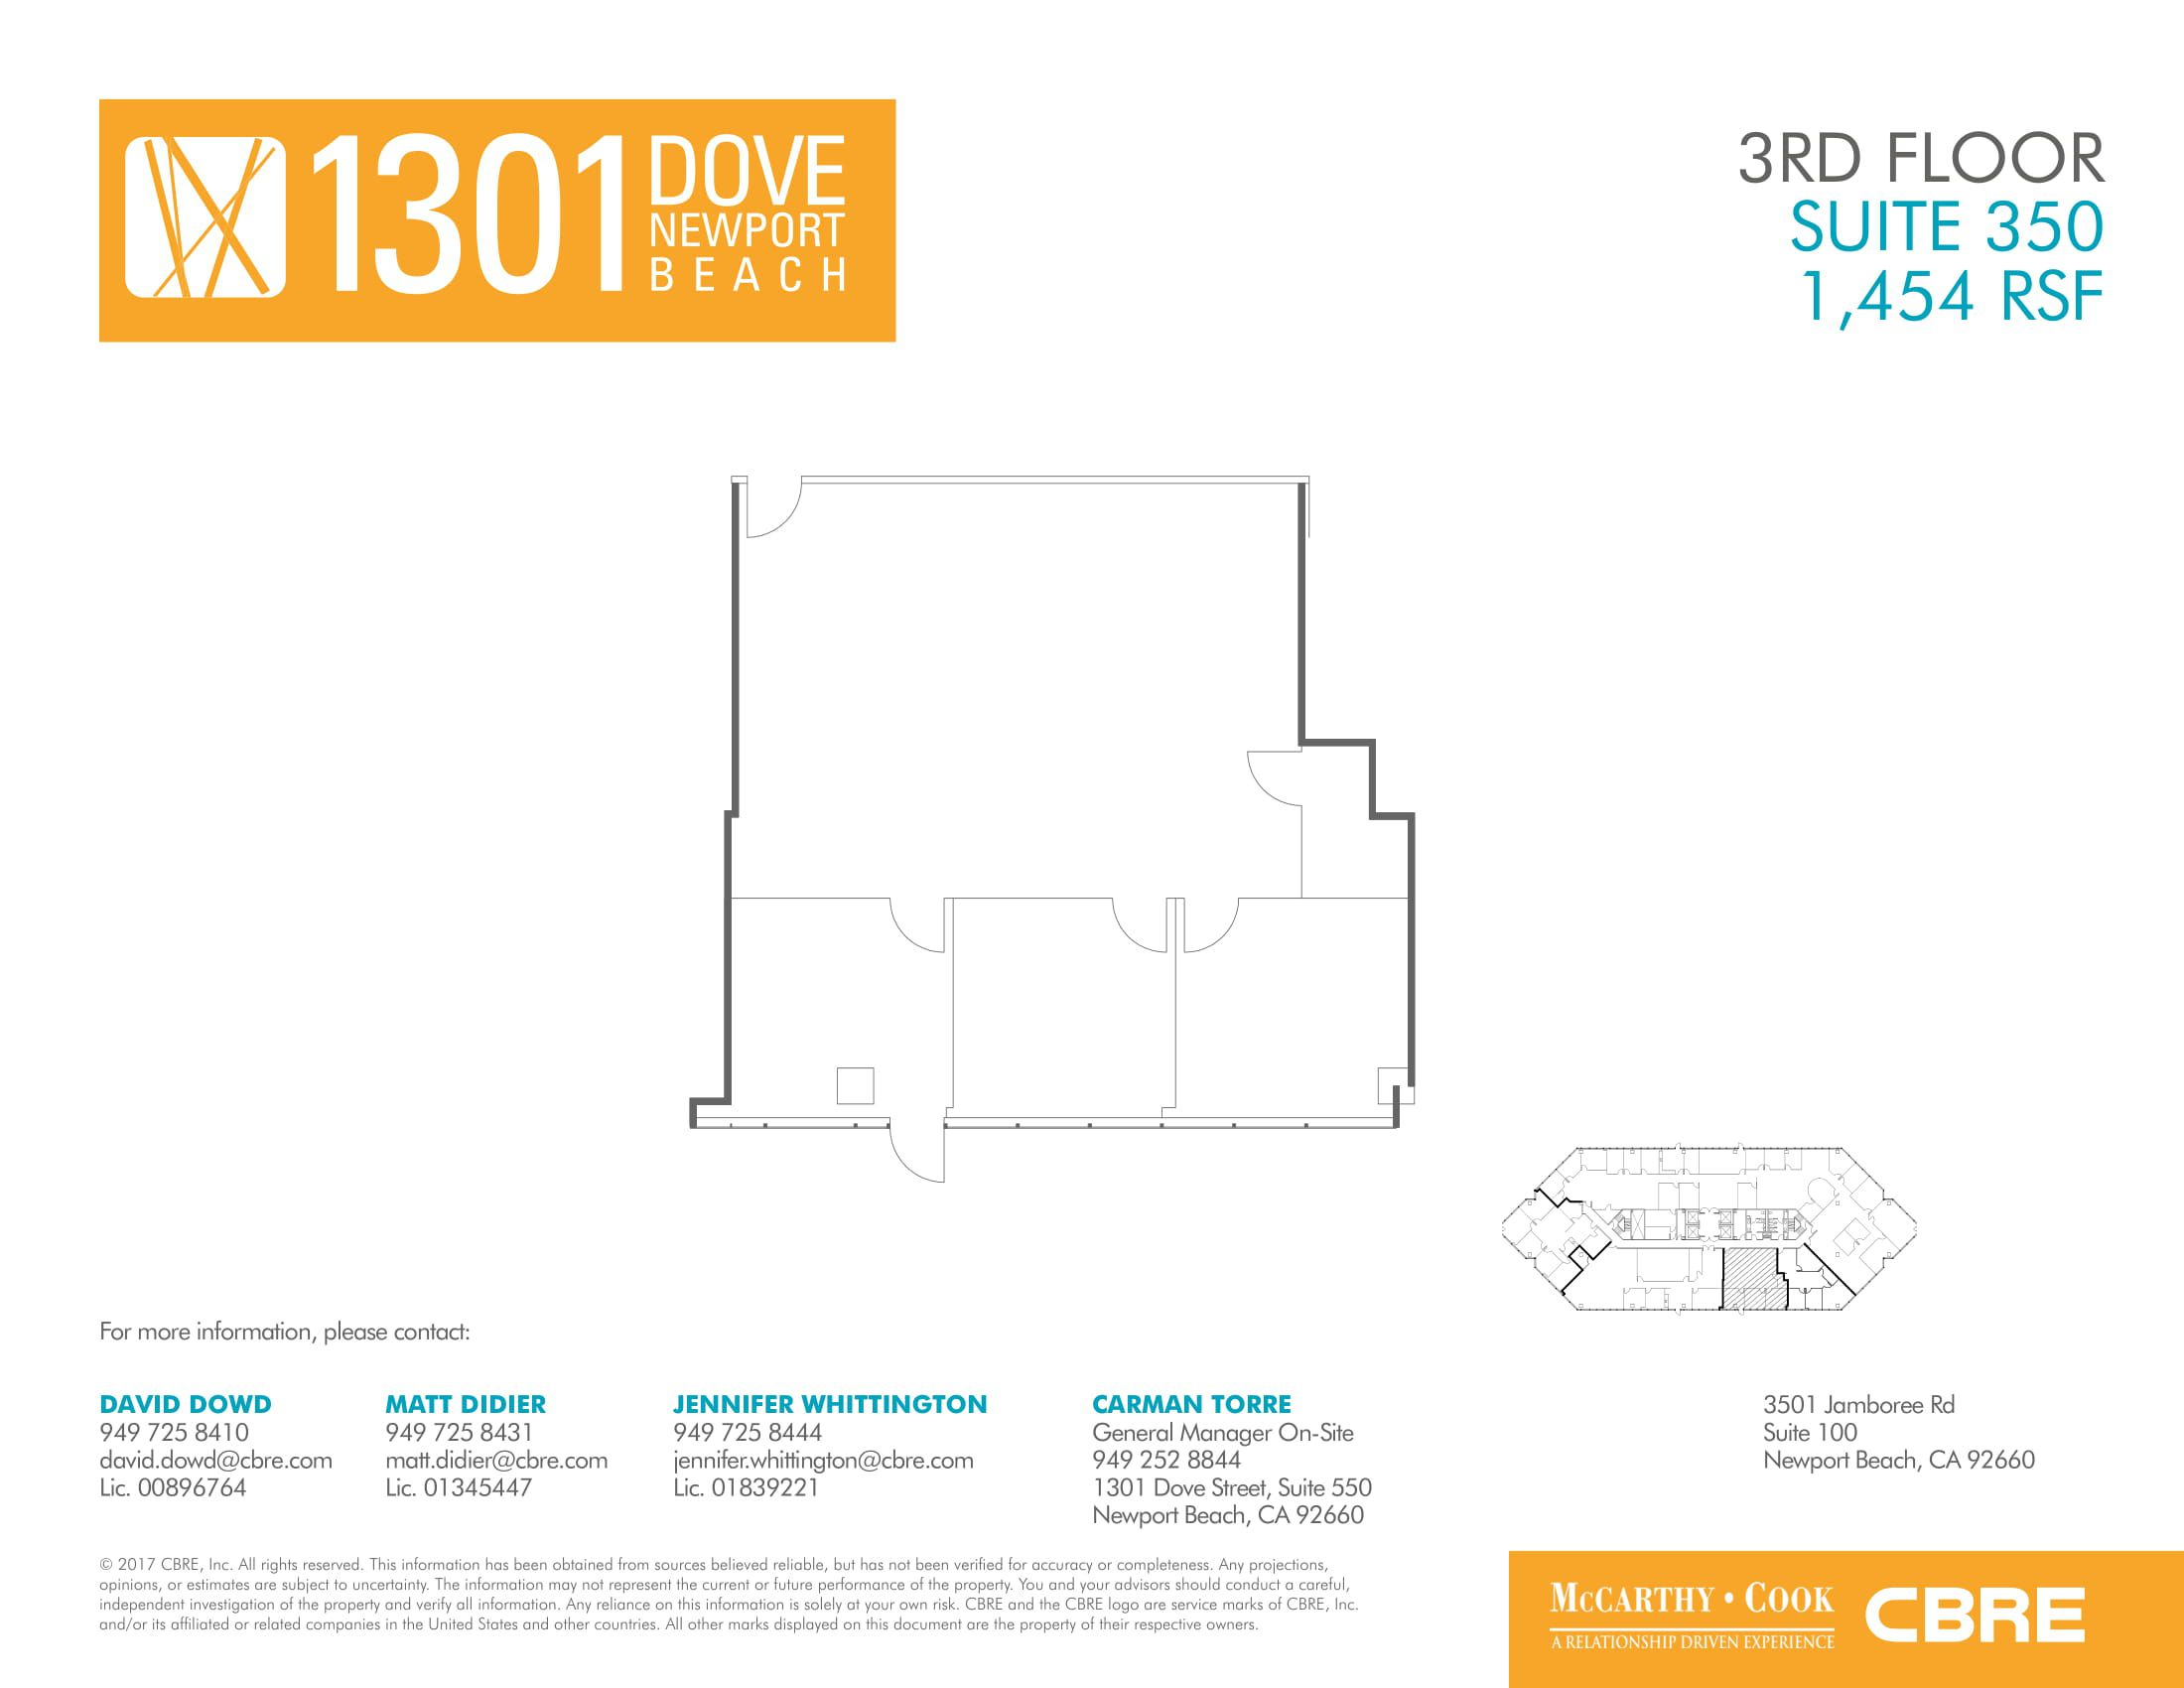 3rd floor 350 floor plan.jpg